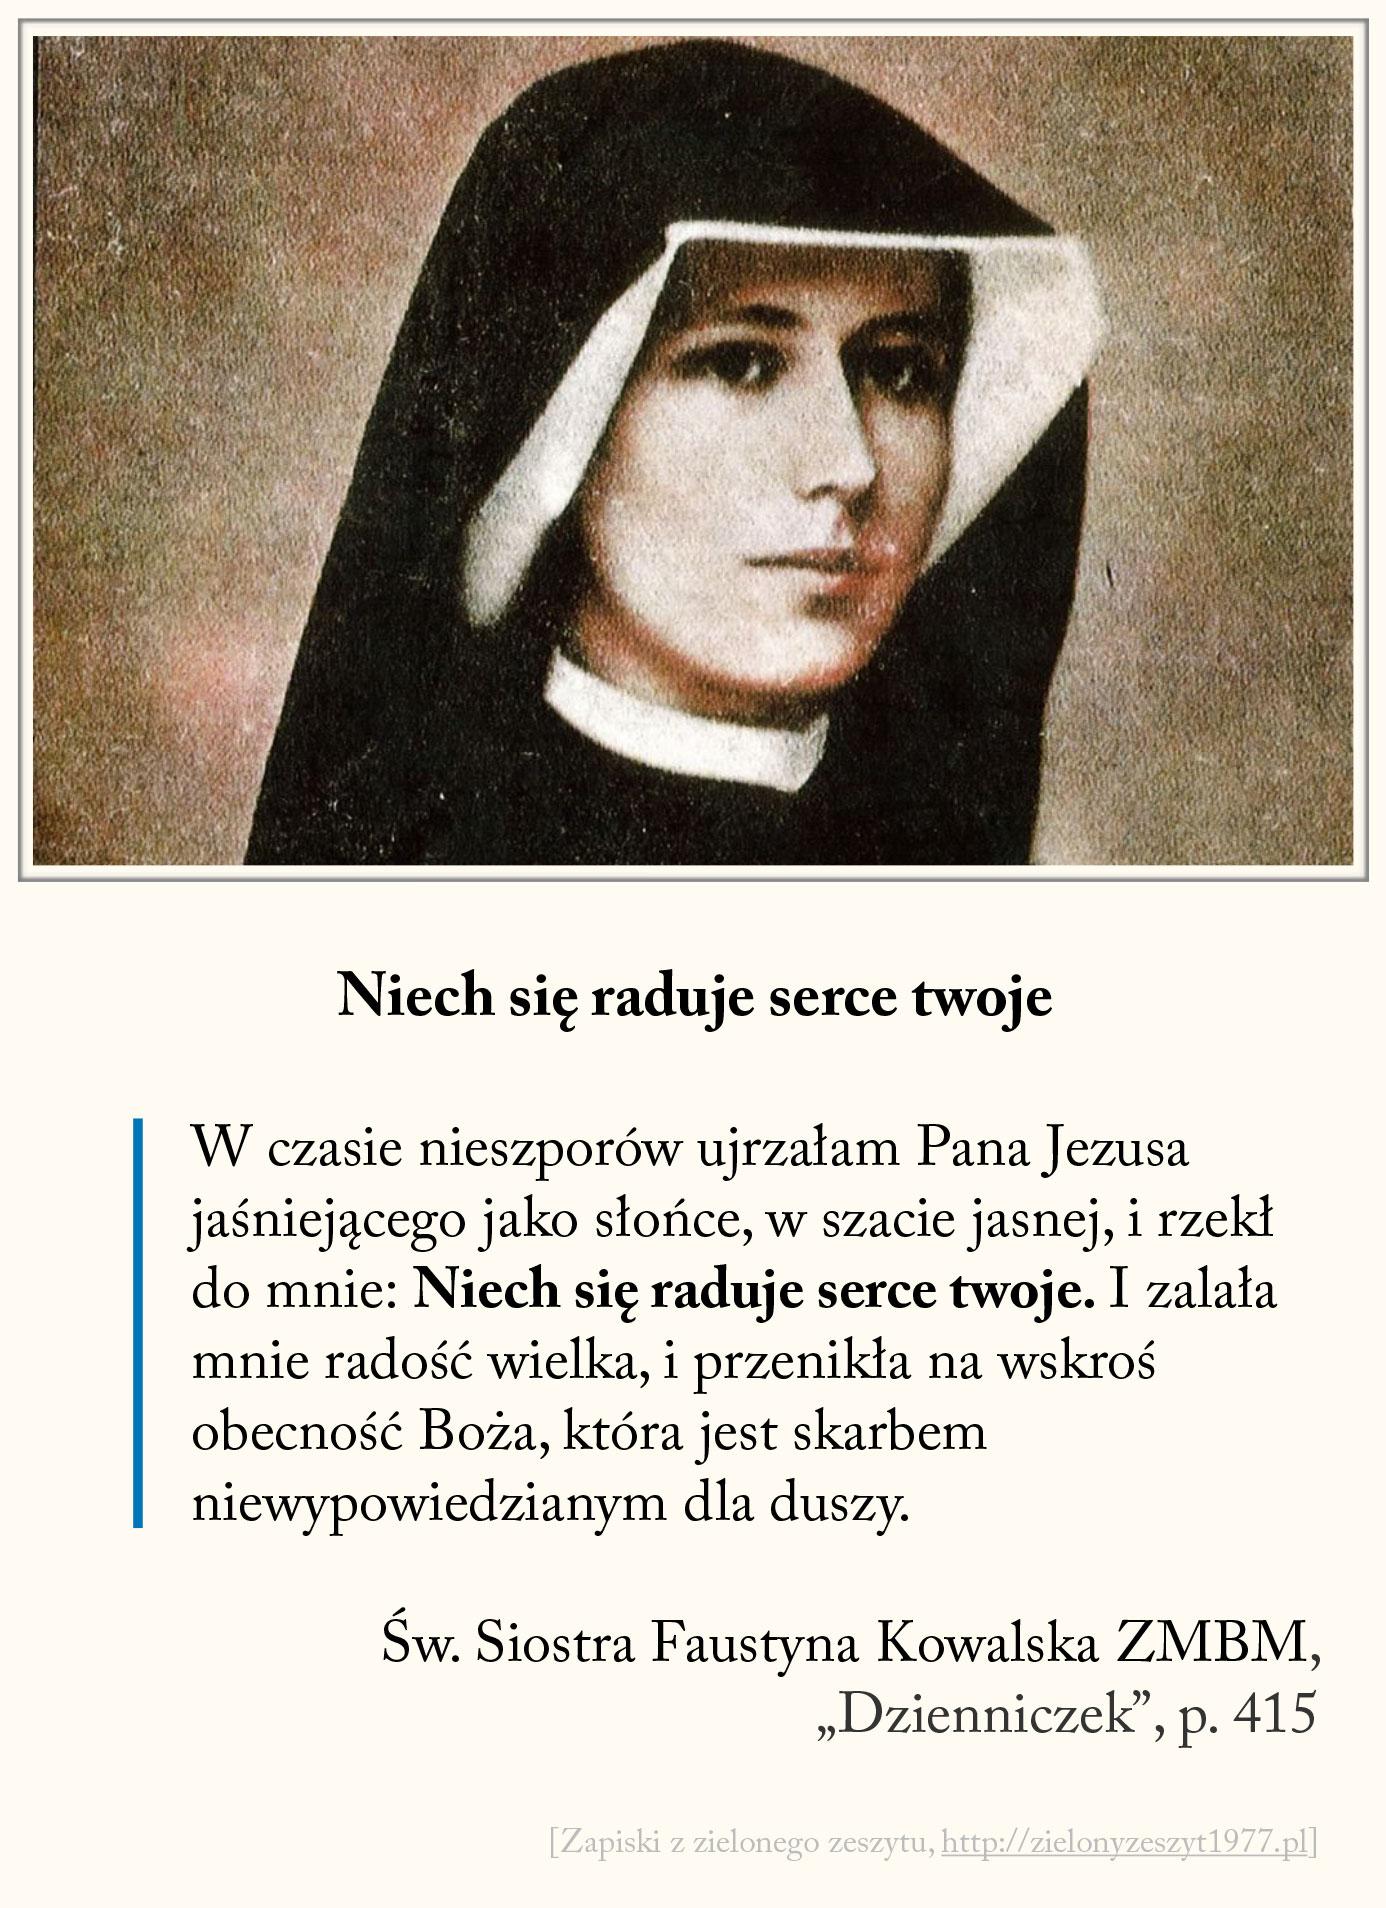 Niech się raduje serce twoje, św. Faustyna Kowalska